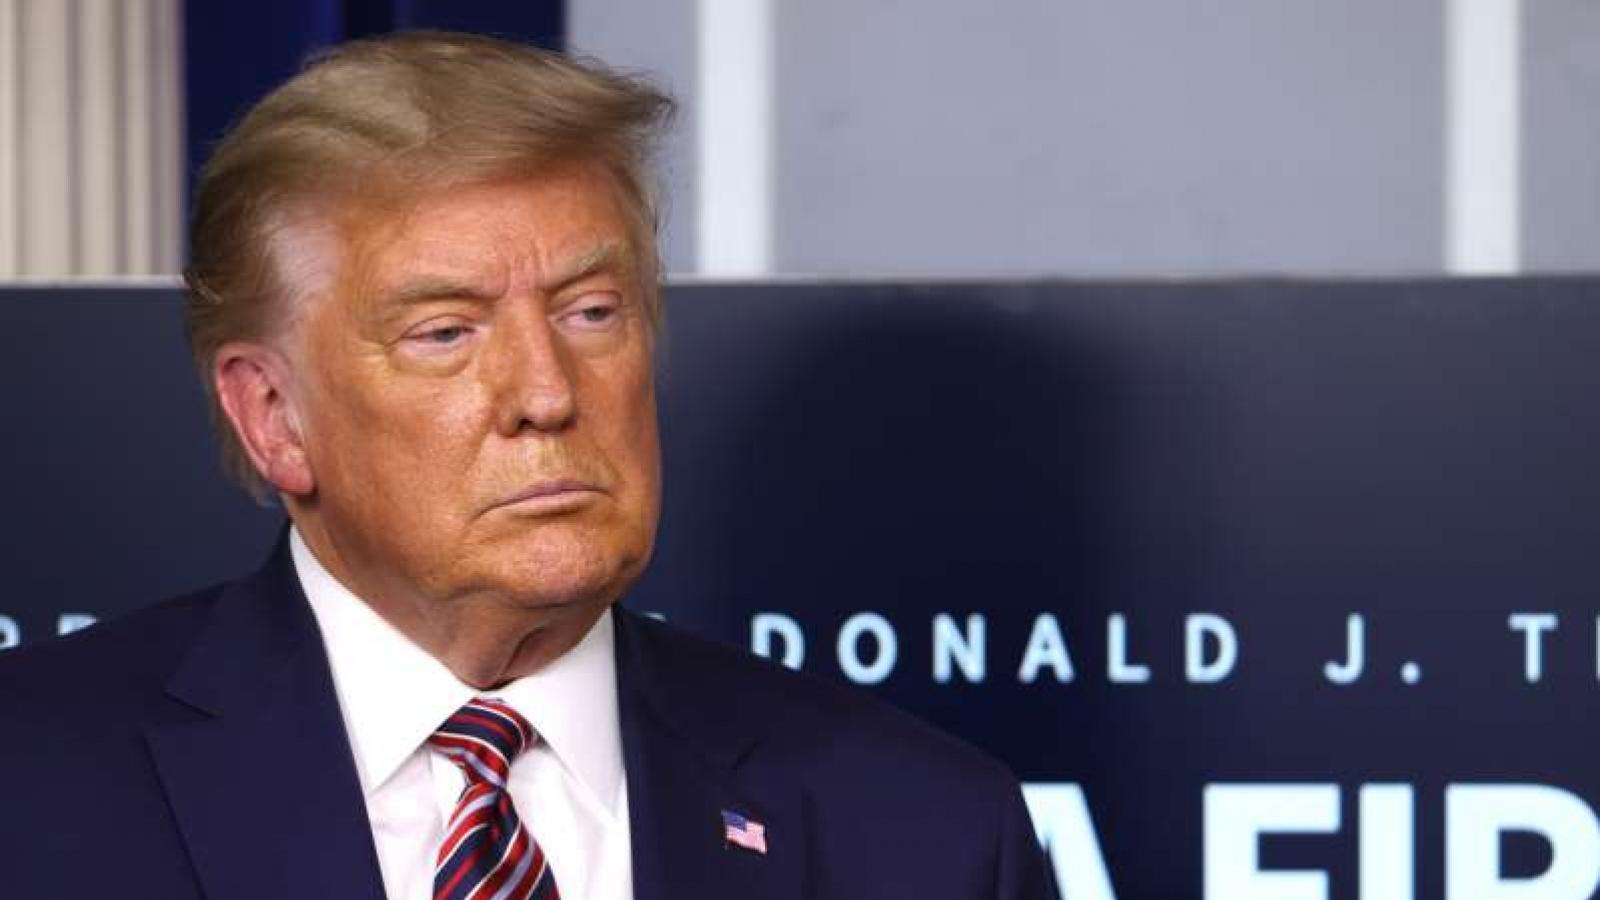 Gần một nửa người Mỹ qua khảo sát ủng hộ ông Trump tái tranh cử năm 2024